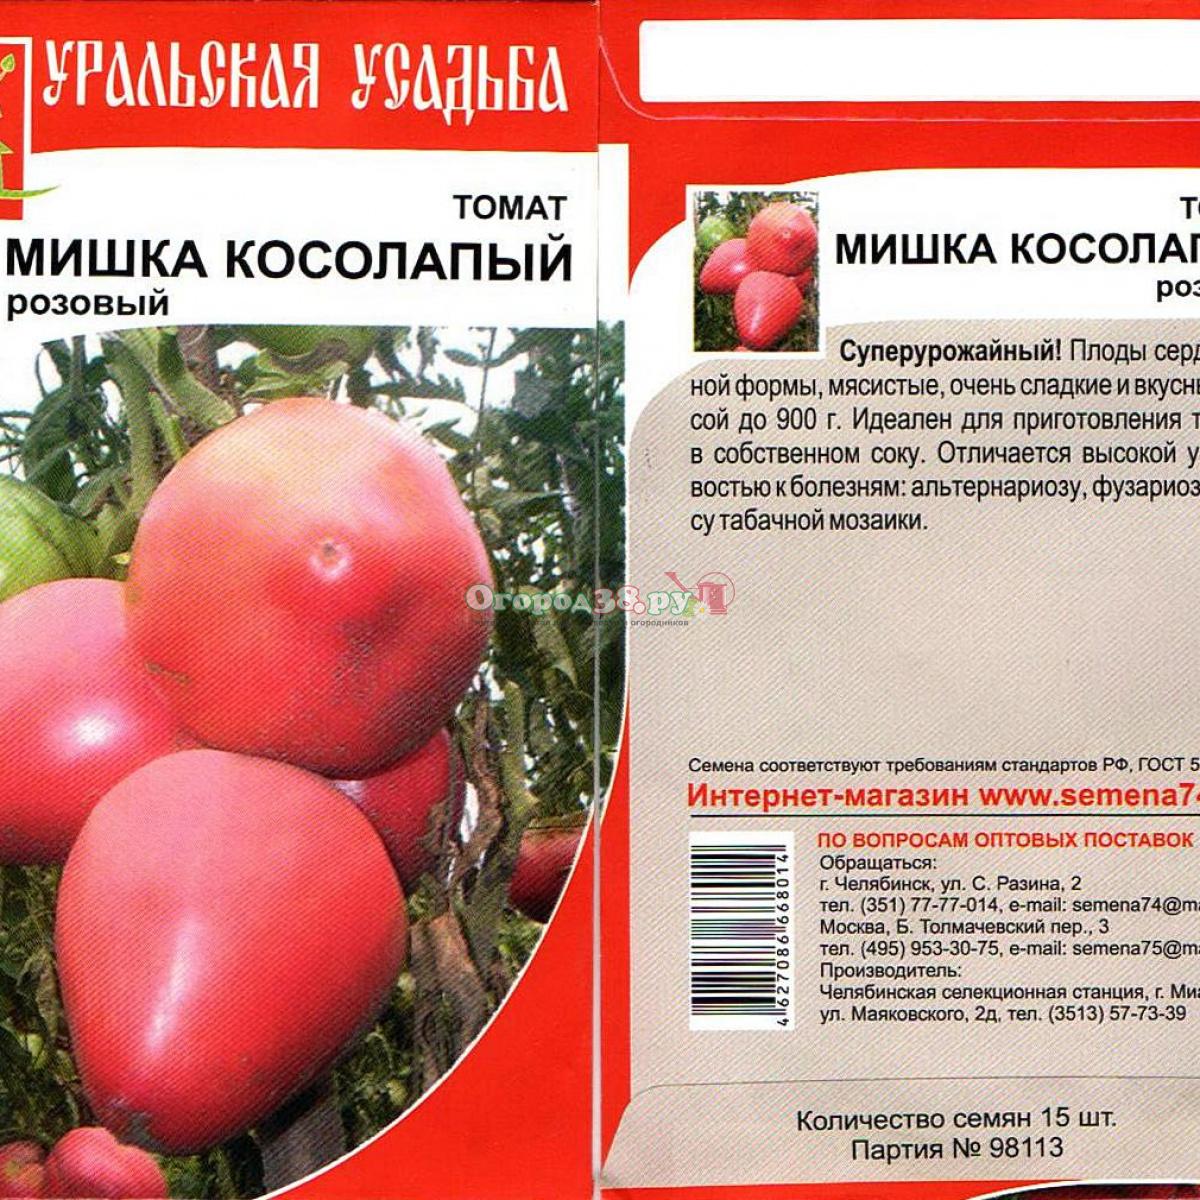 челябинская областная селекционная станция Омска Москвы структурные